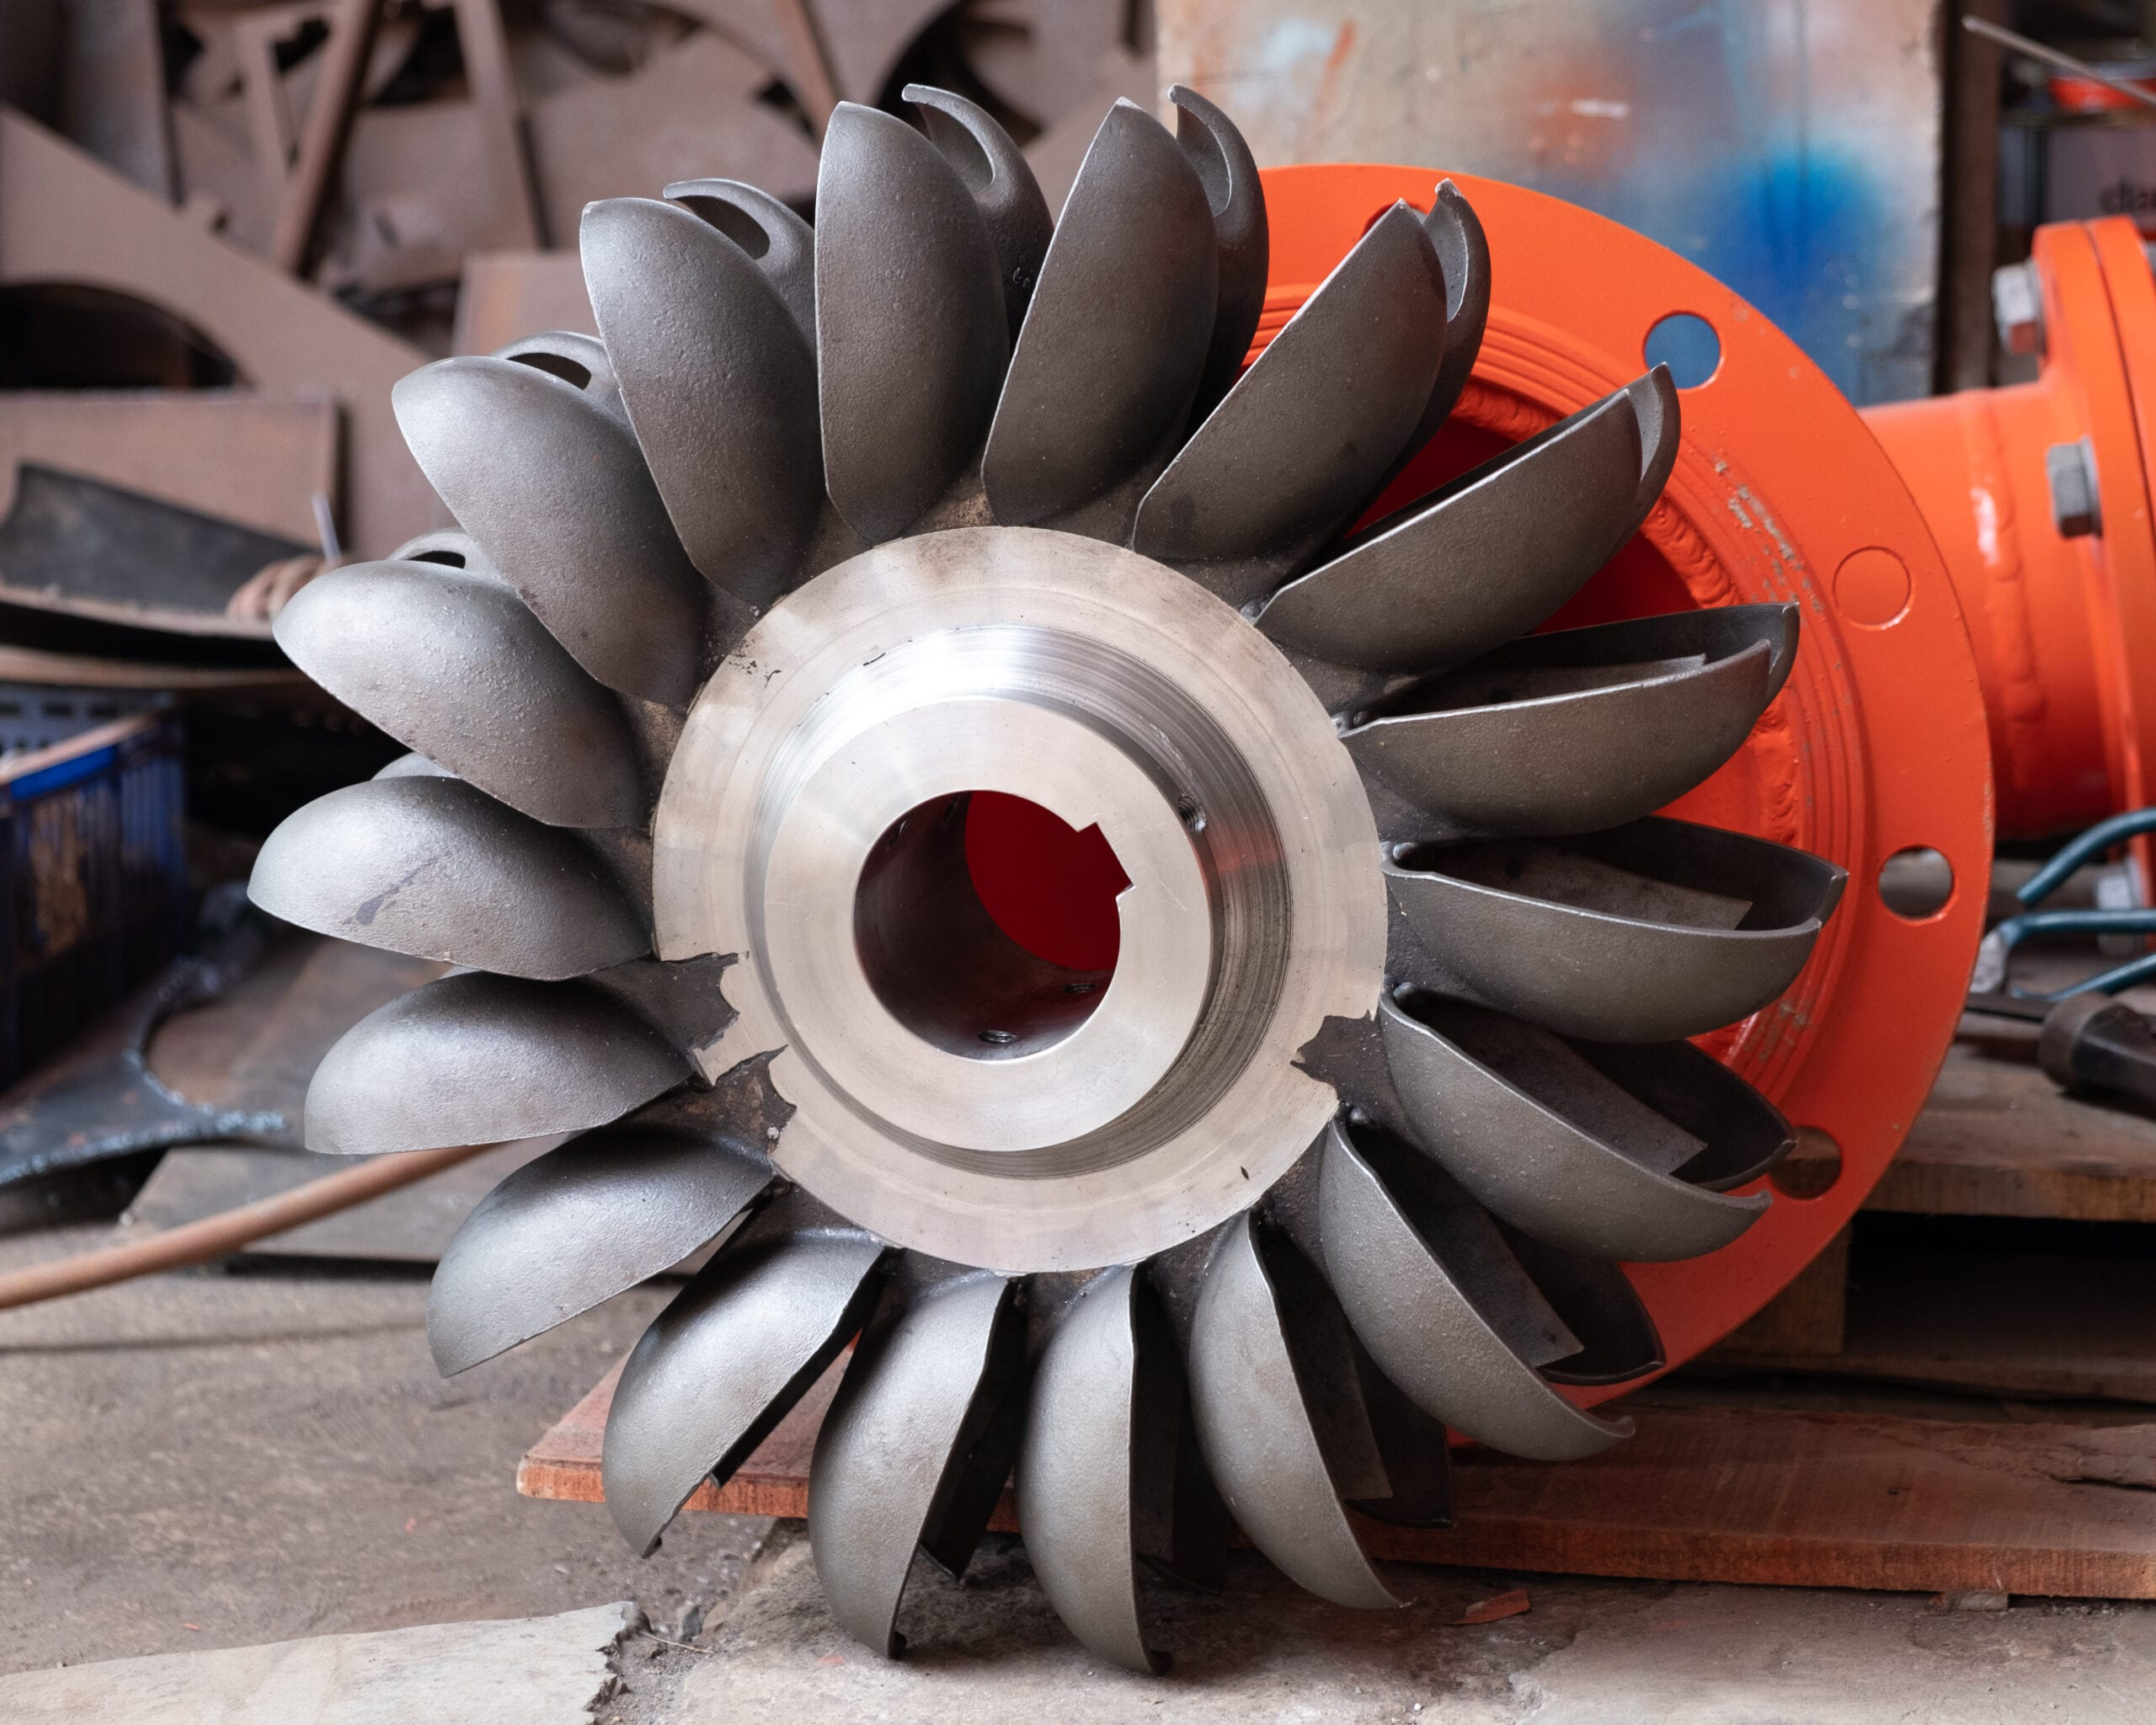 Pelton turbine runner